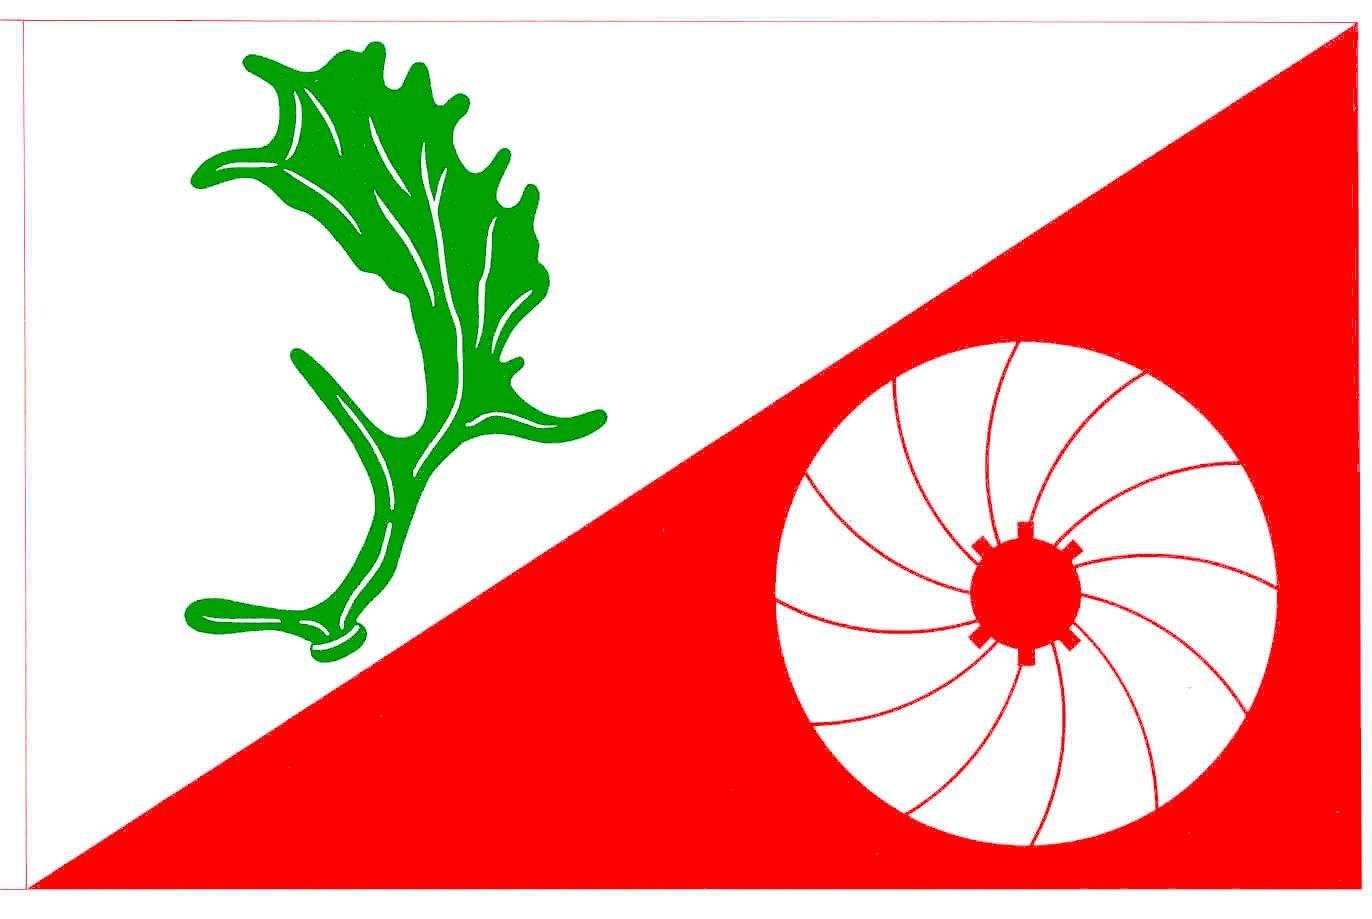 Flagge GemeindeDamsdorf, Kreis Segeberg